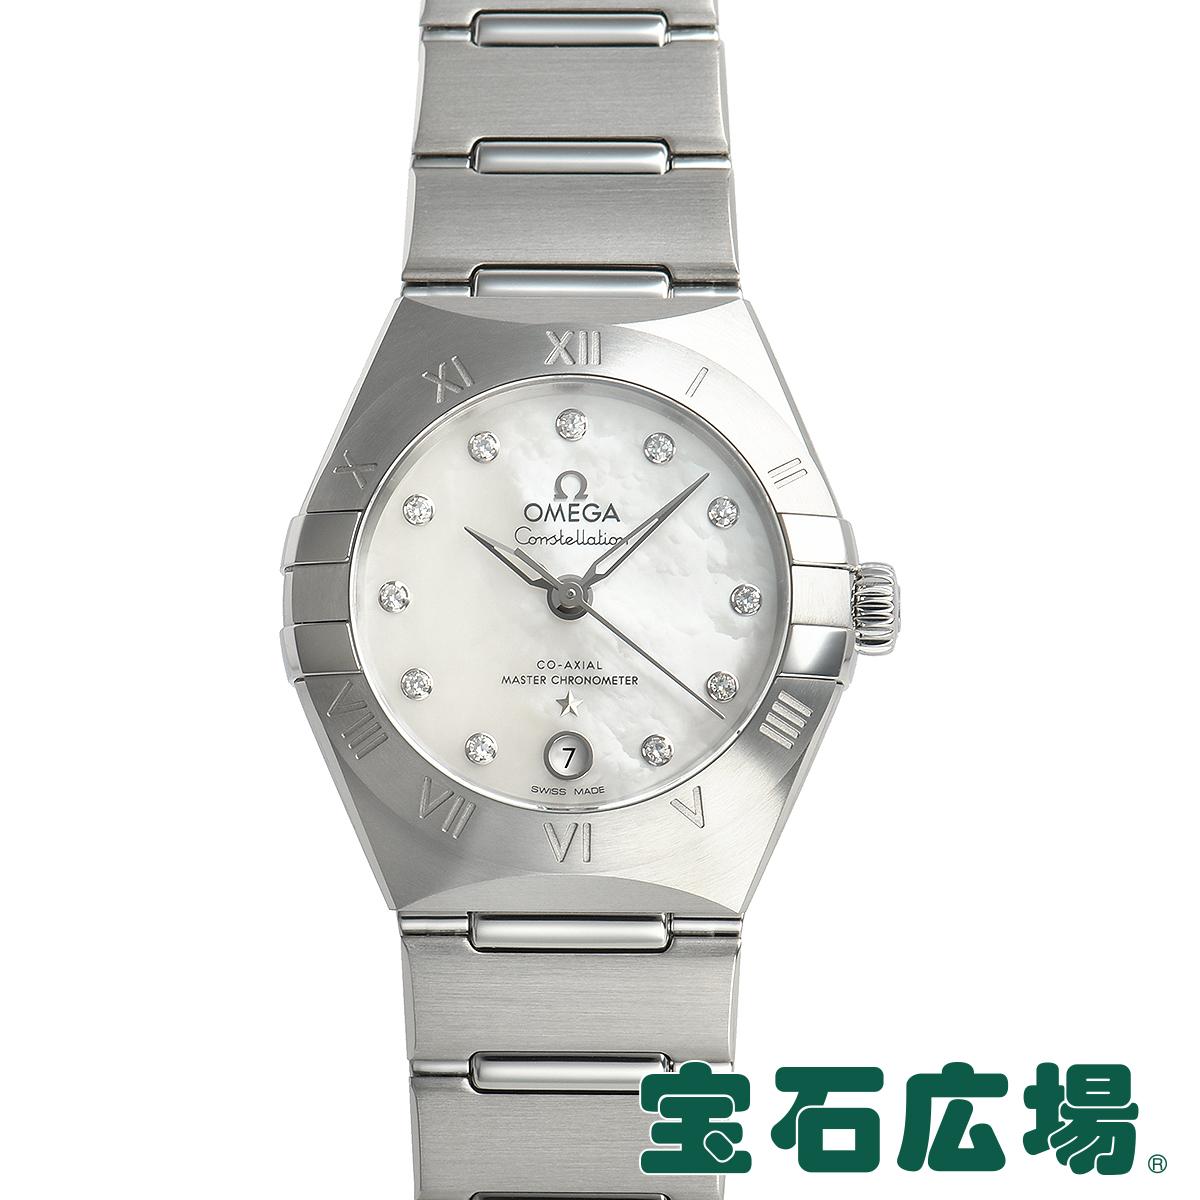 オメガ OMEGA コンステレーション マンハッタン マスタークロノメーター 131.10.29.20.55.001【新品】レディース 腕時計 送料無料